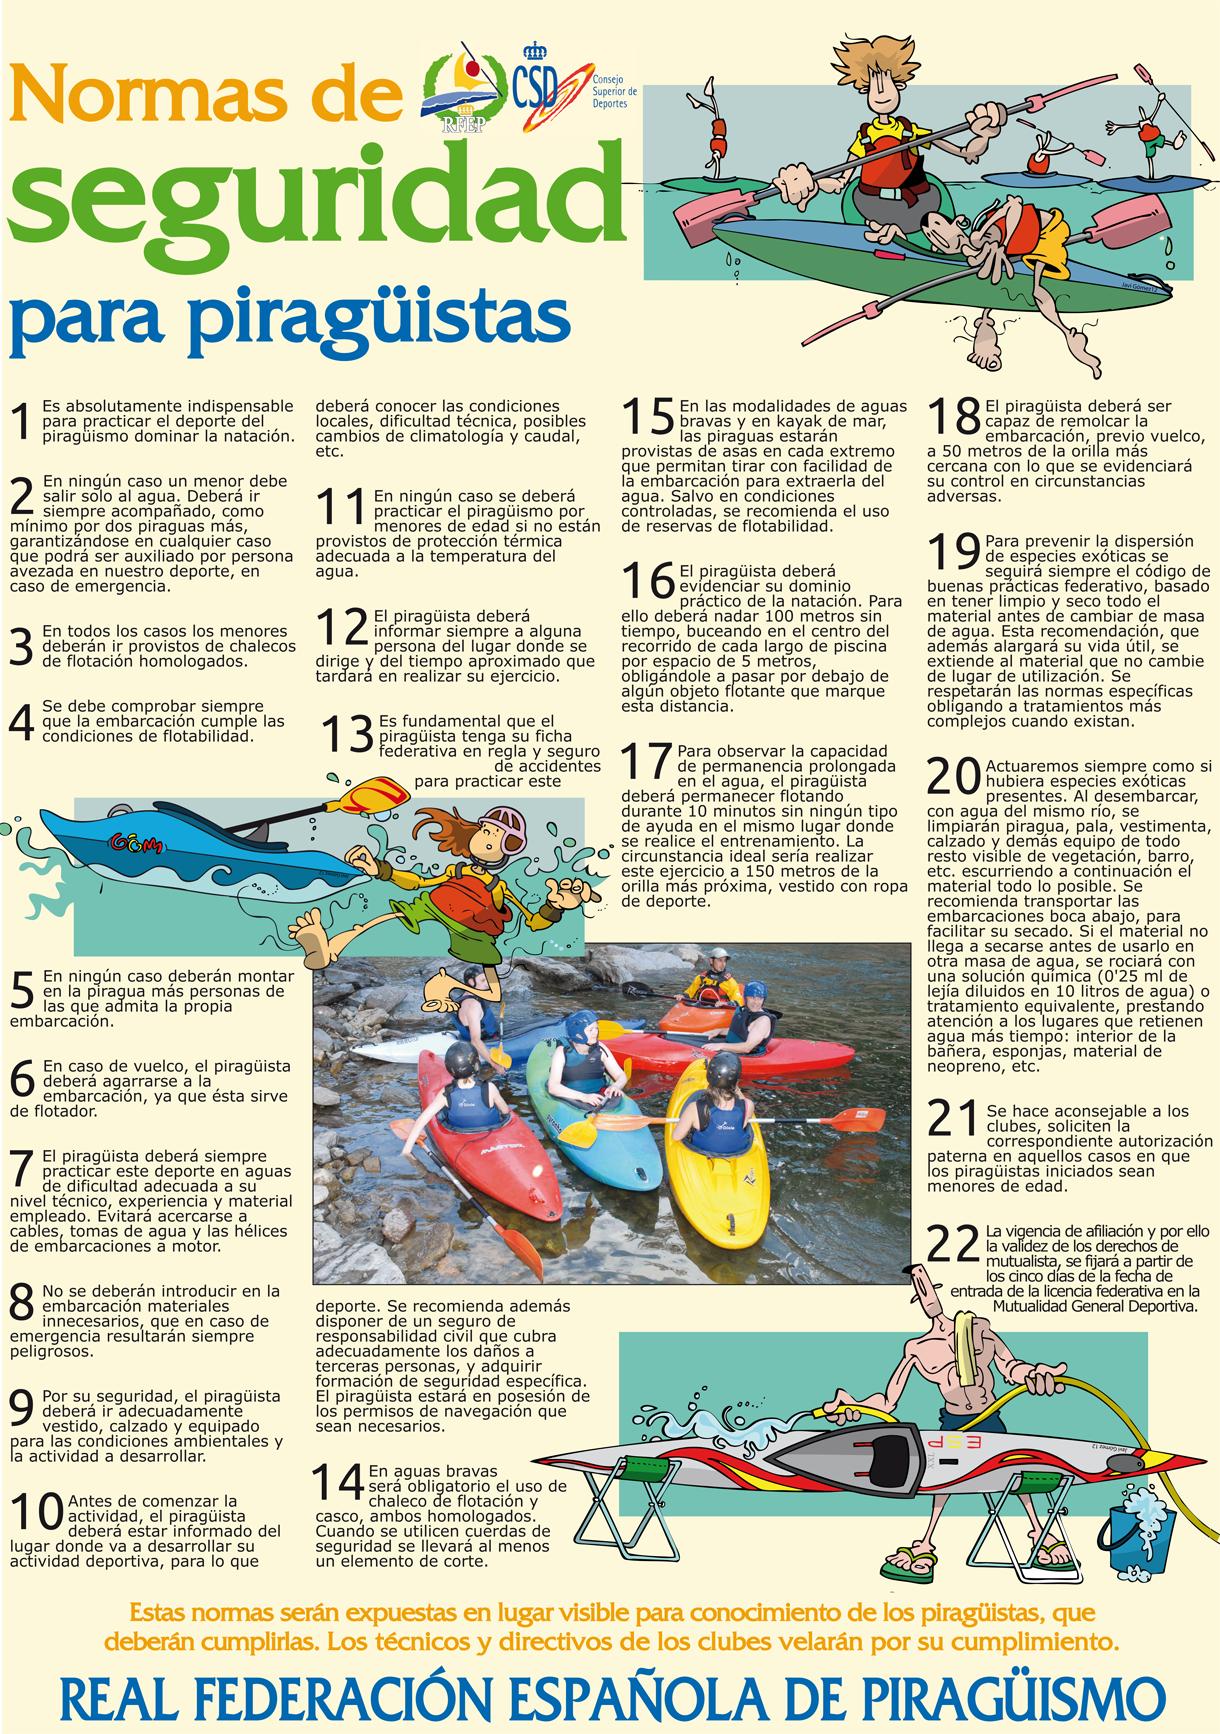 http://www.piraguamadrid.com/archivos/normasseguridad.png